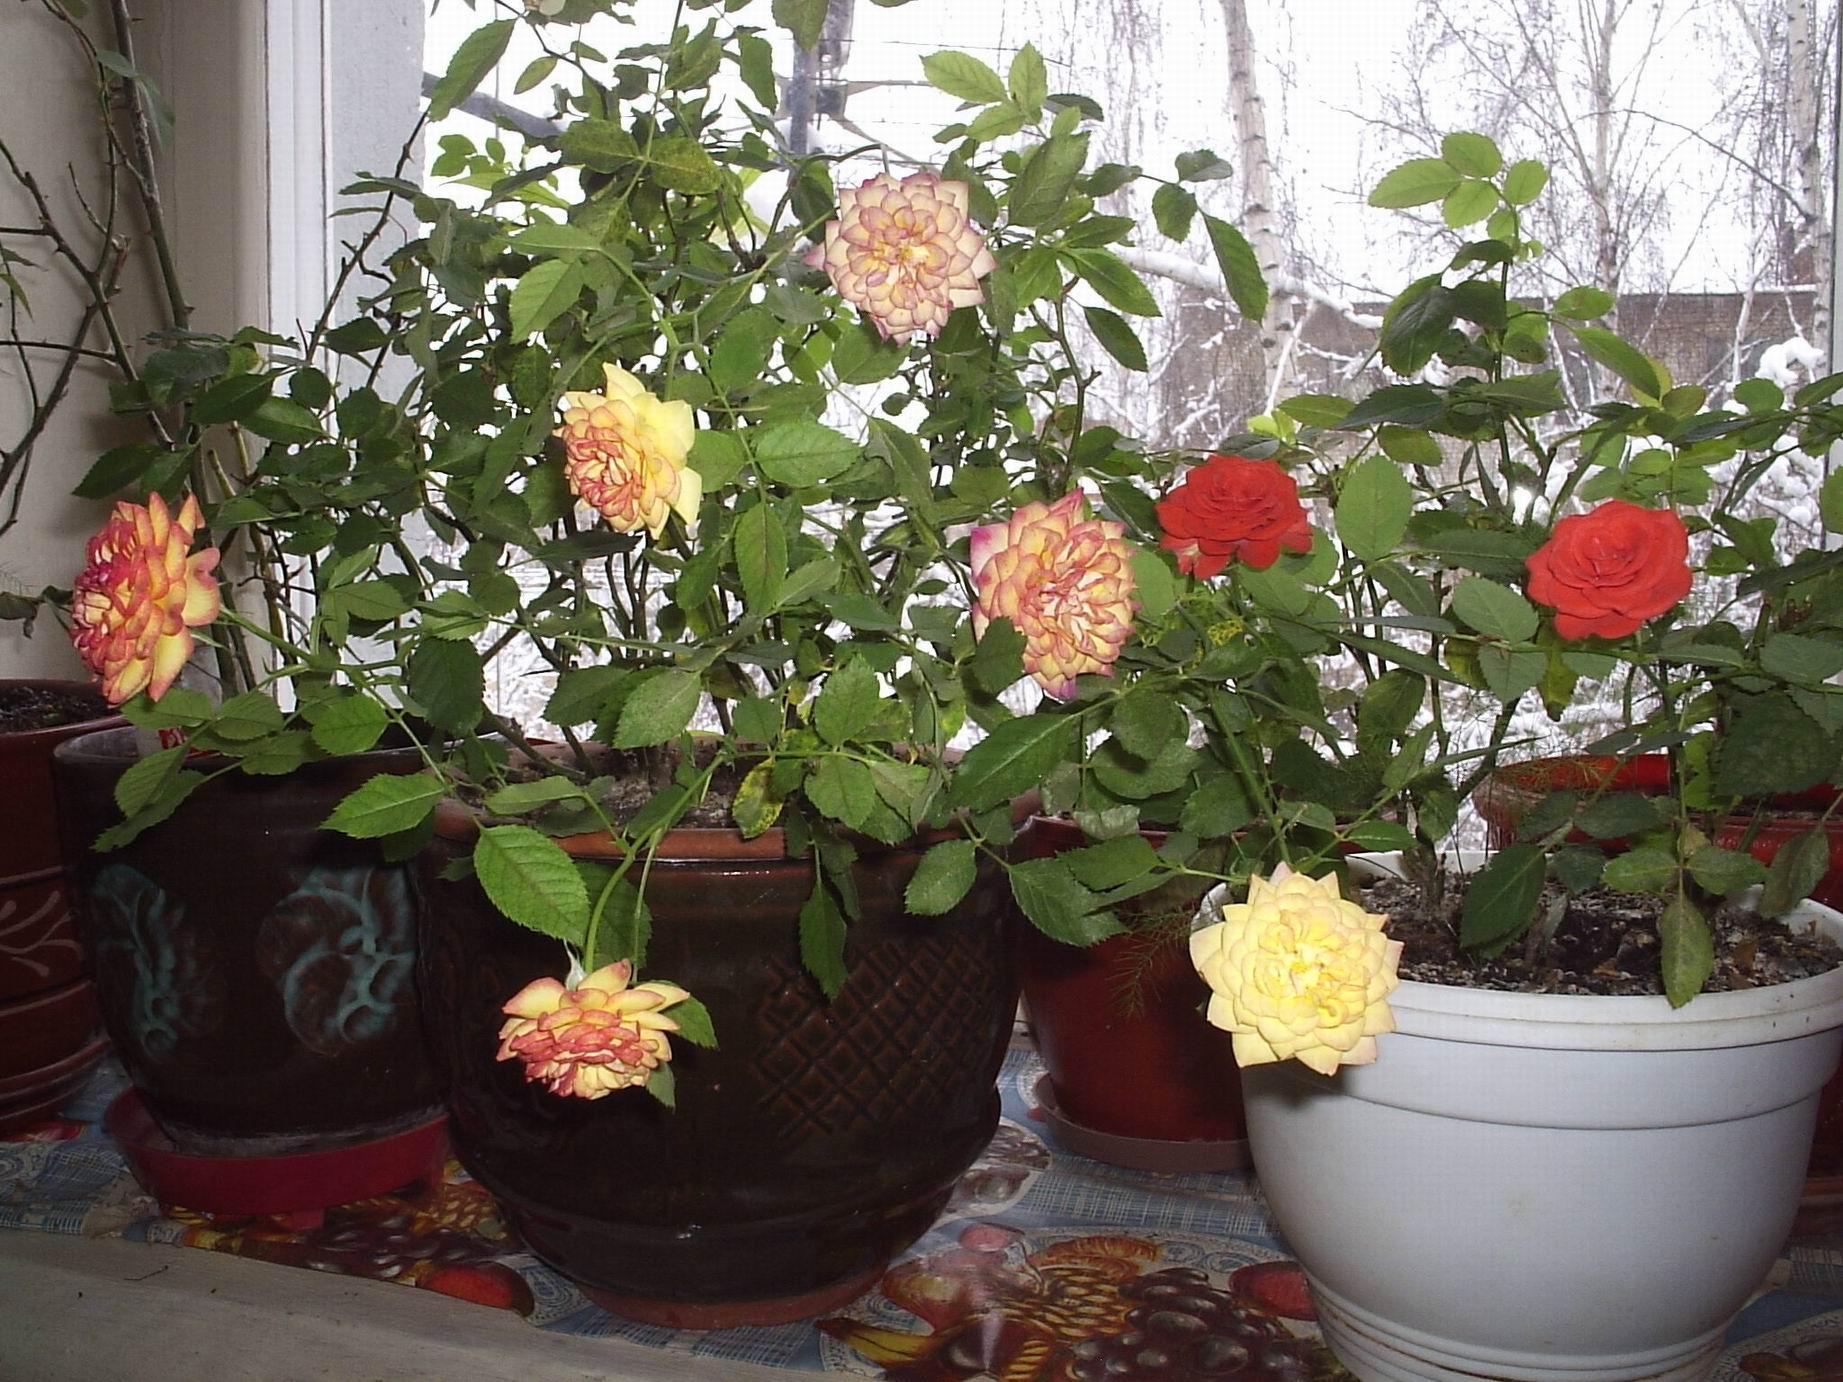 domashnyaya-roza-foto-video-vyrashhivanie-razmnozhenie-i-uhod-9